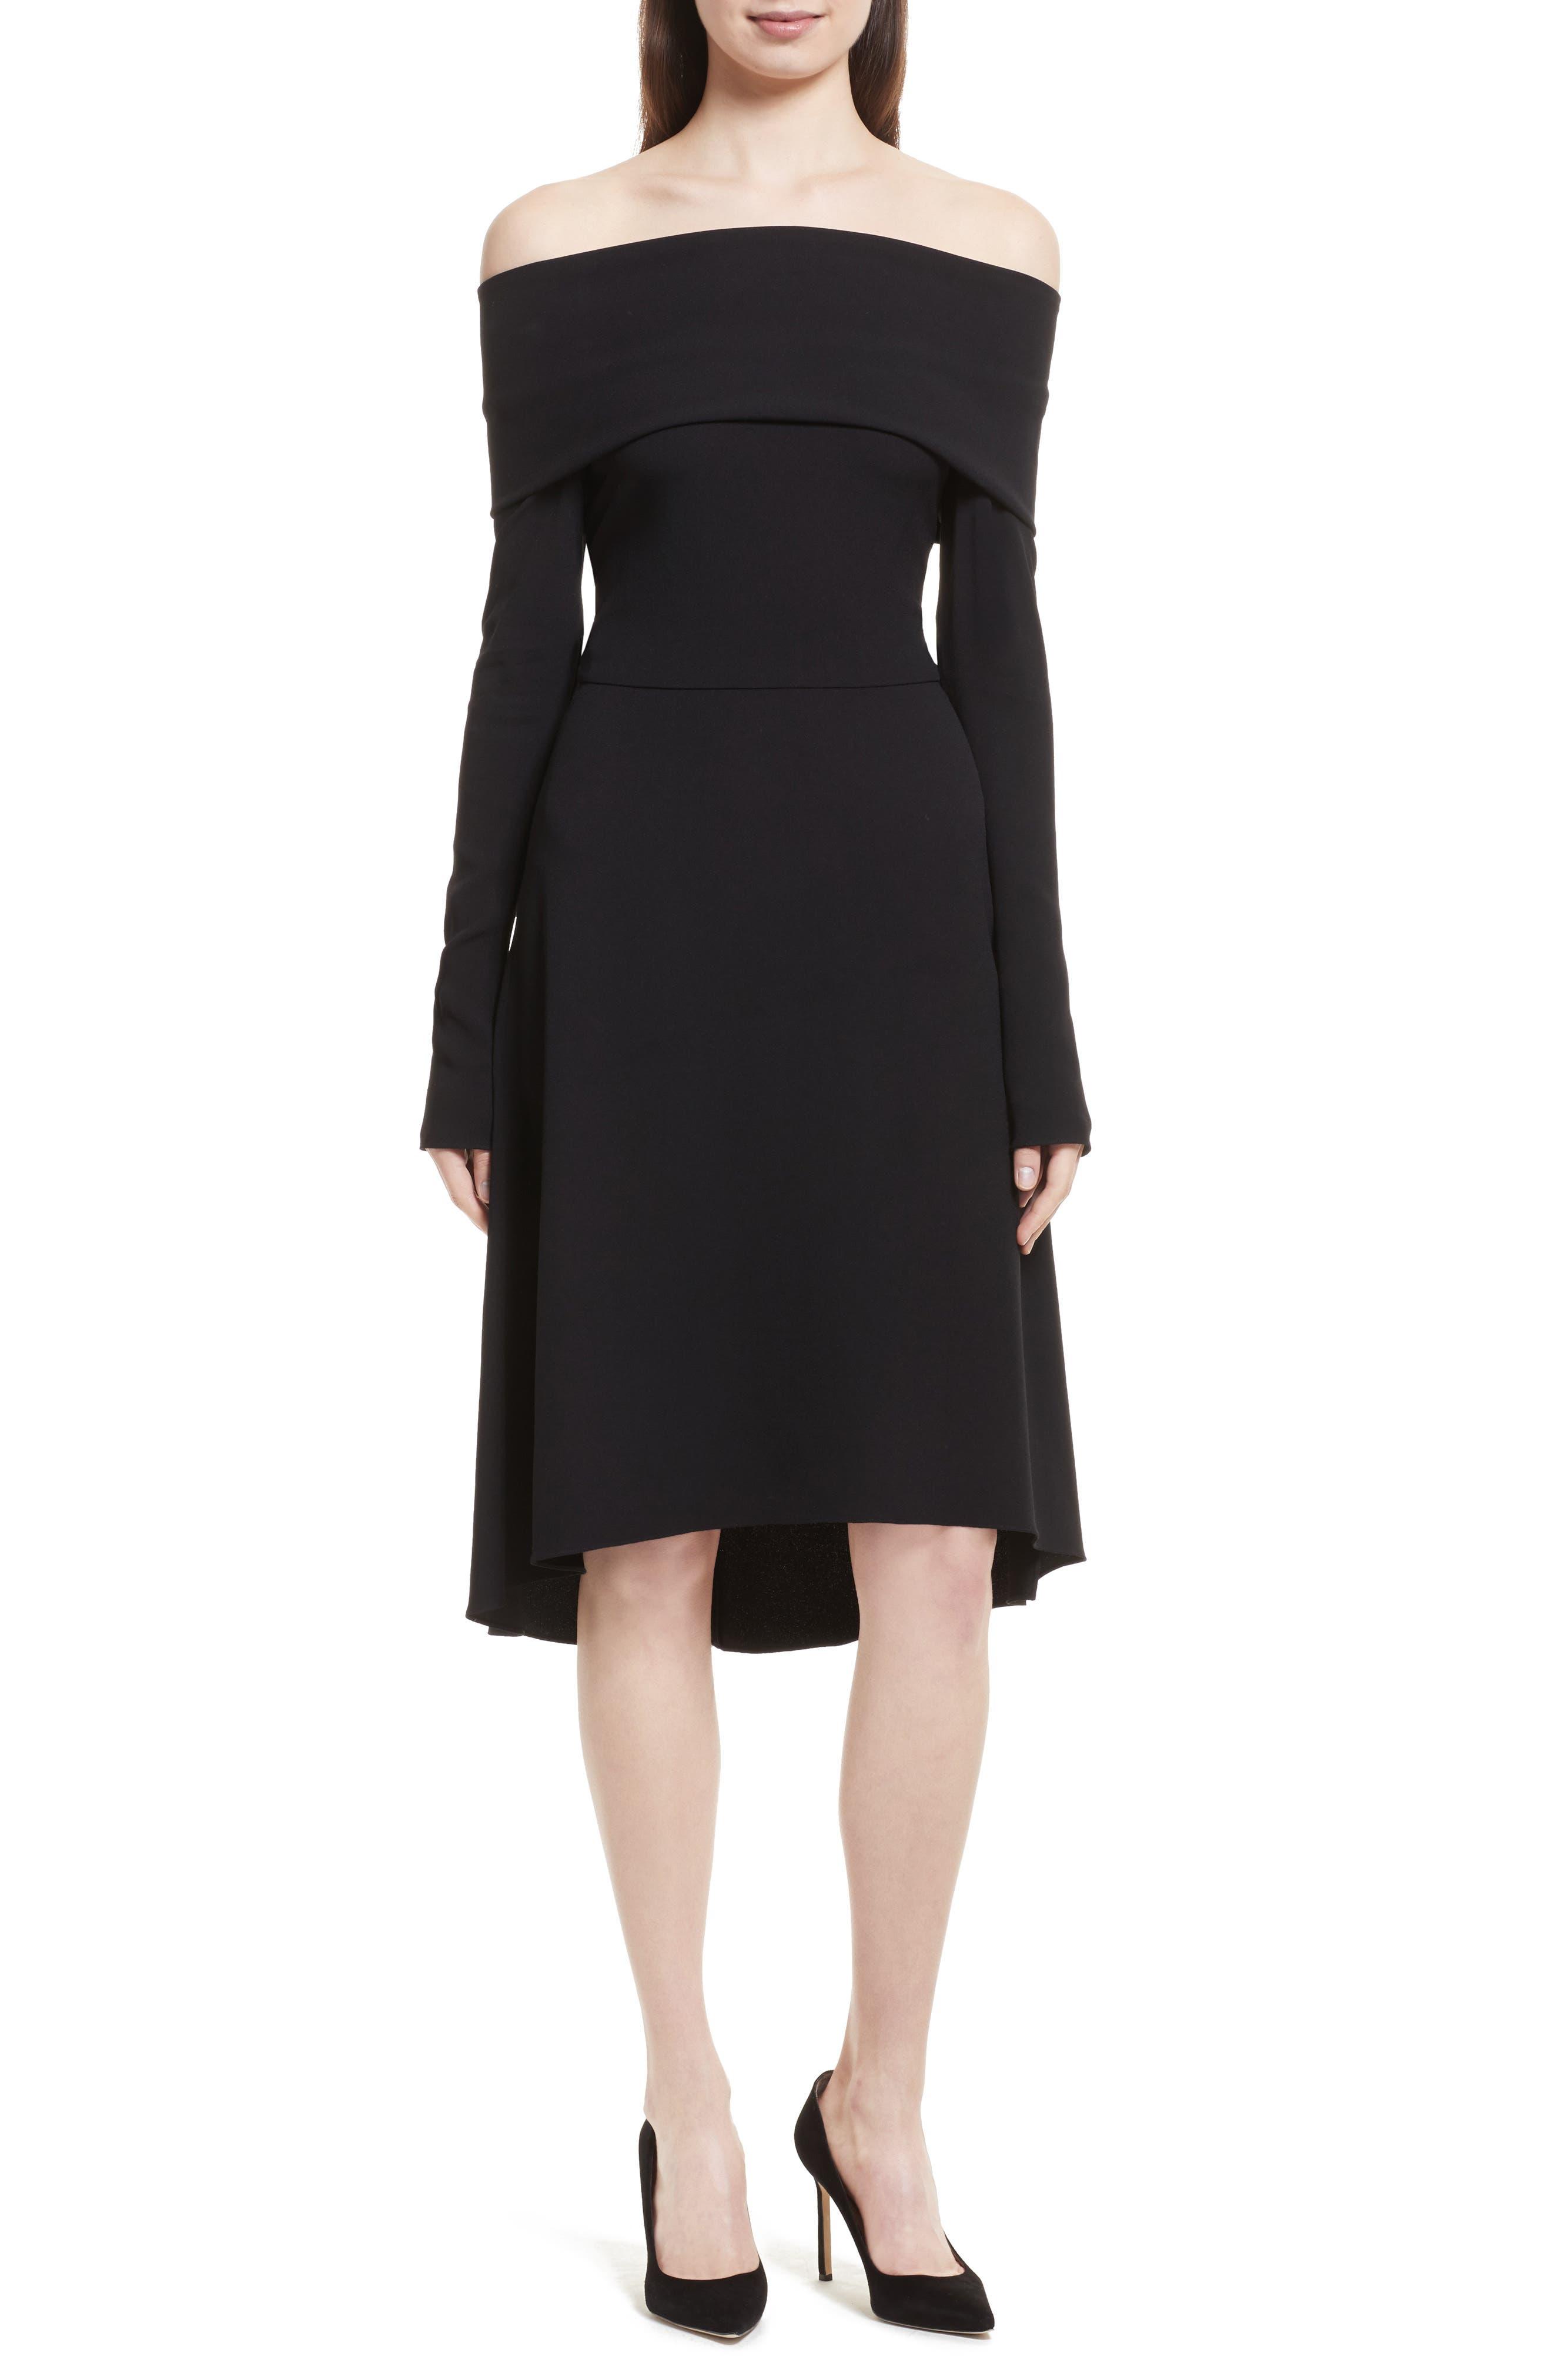 Kensington Off the Shoulder Foldover Dress,                         Main,                         color, 001